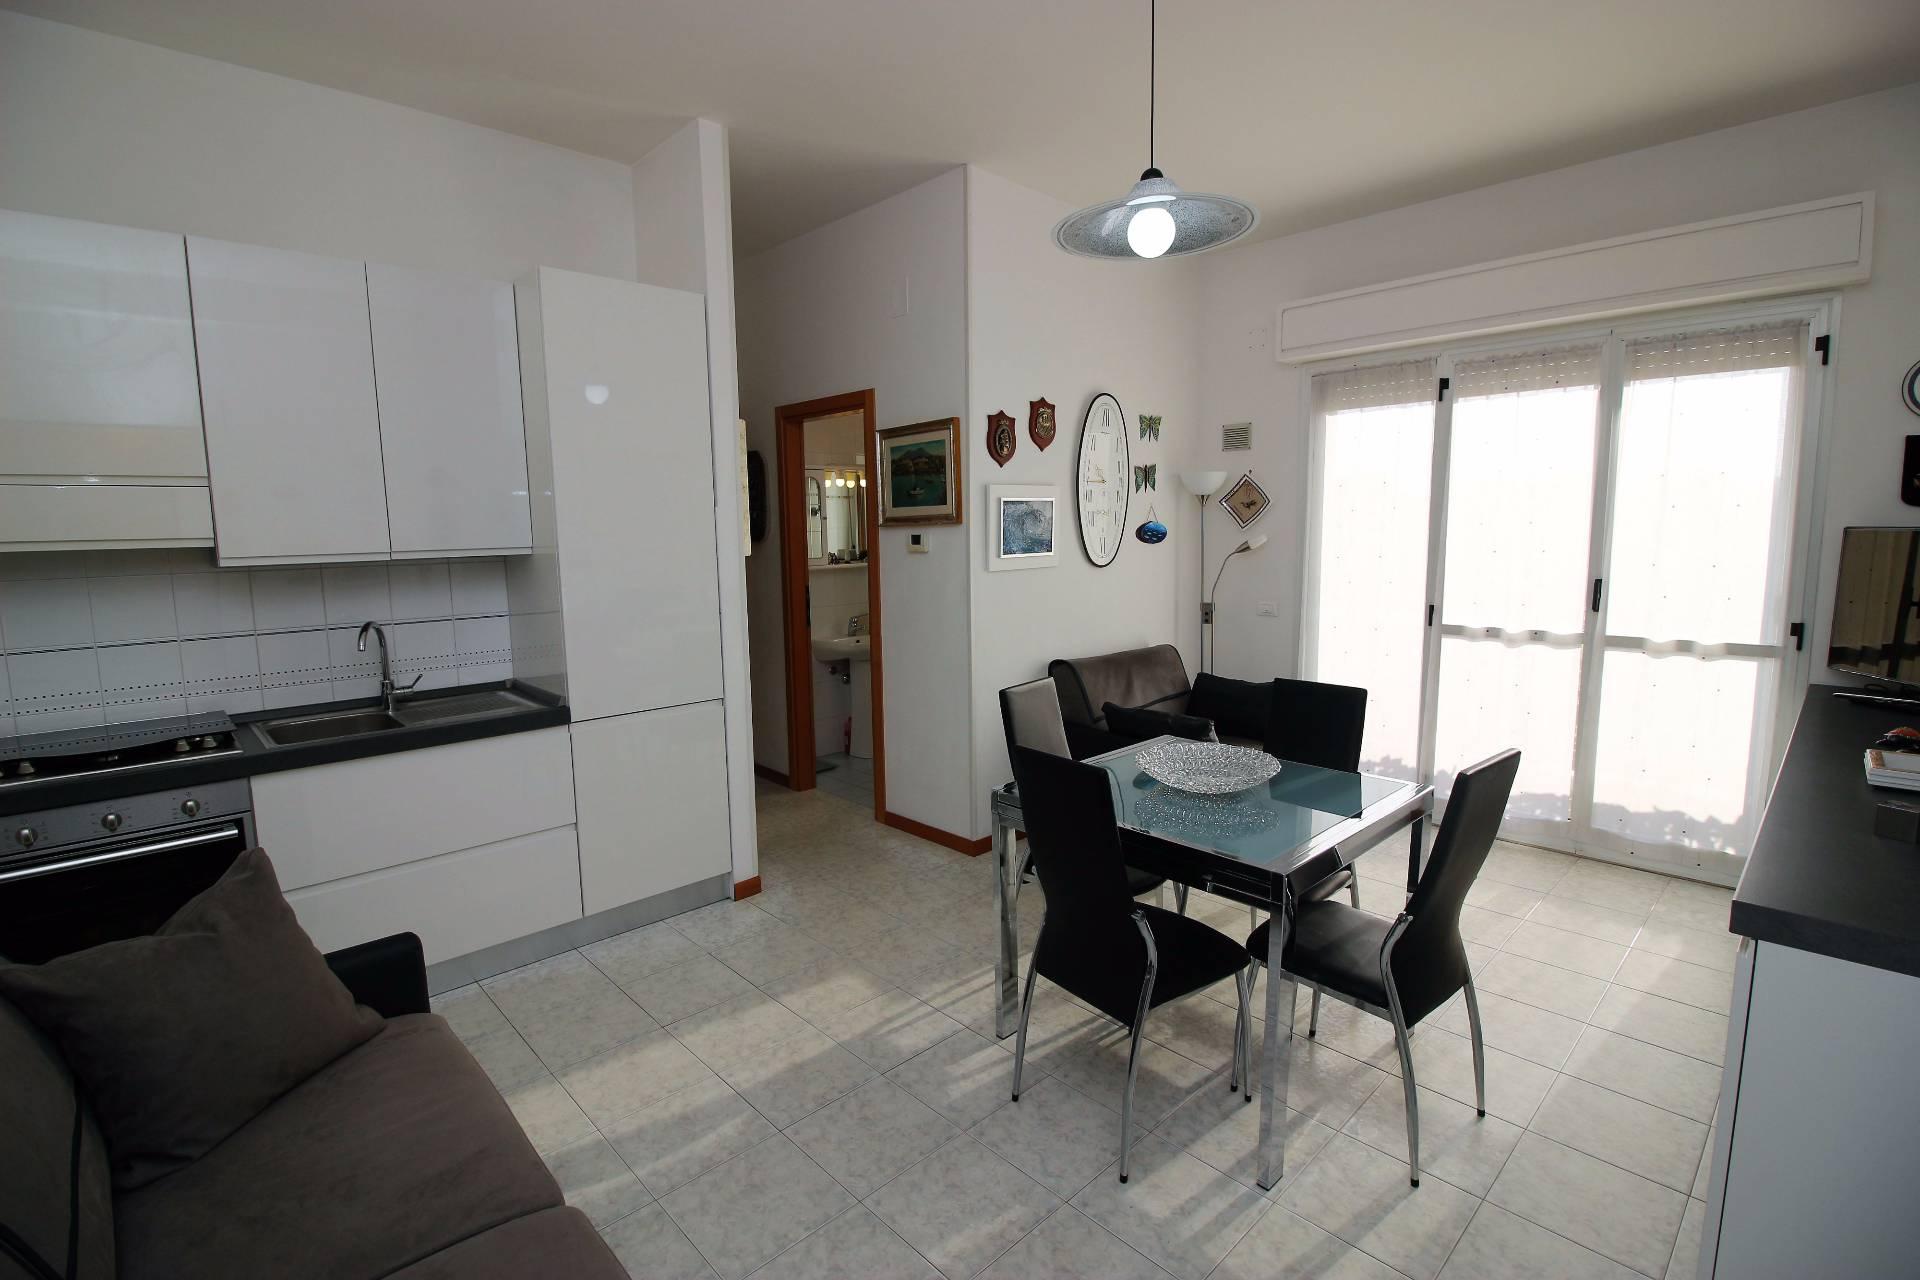 Appartamento in vendita a Tortoreto, 3 locali, zona Località: ZonaMare, prezzo € 129.000 | Cambio Casa.it